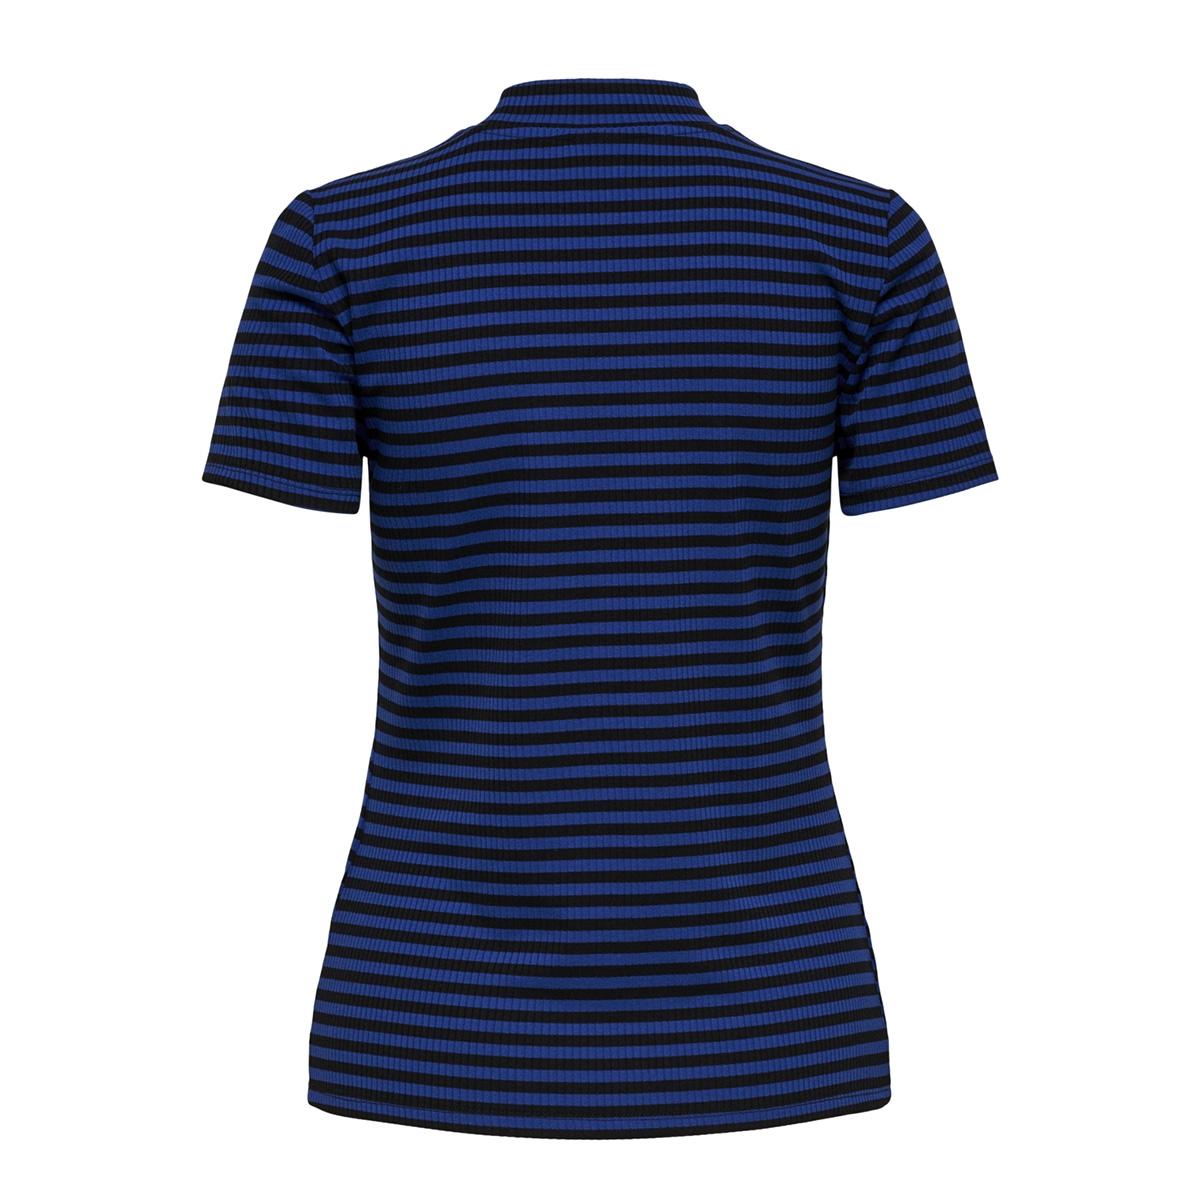 jdysonja s/s high neck top jrs 15168364 jacqueline de yong t-shirt surf the web/black